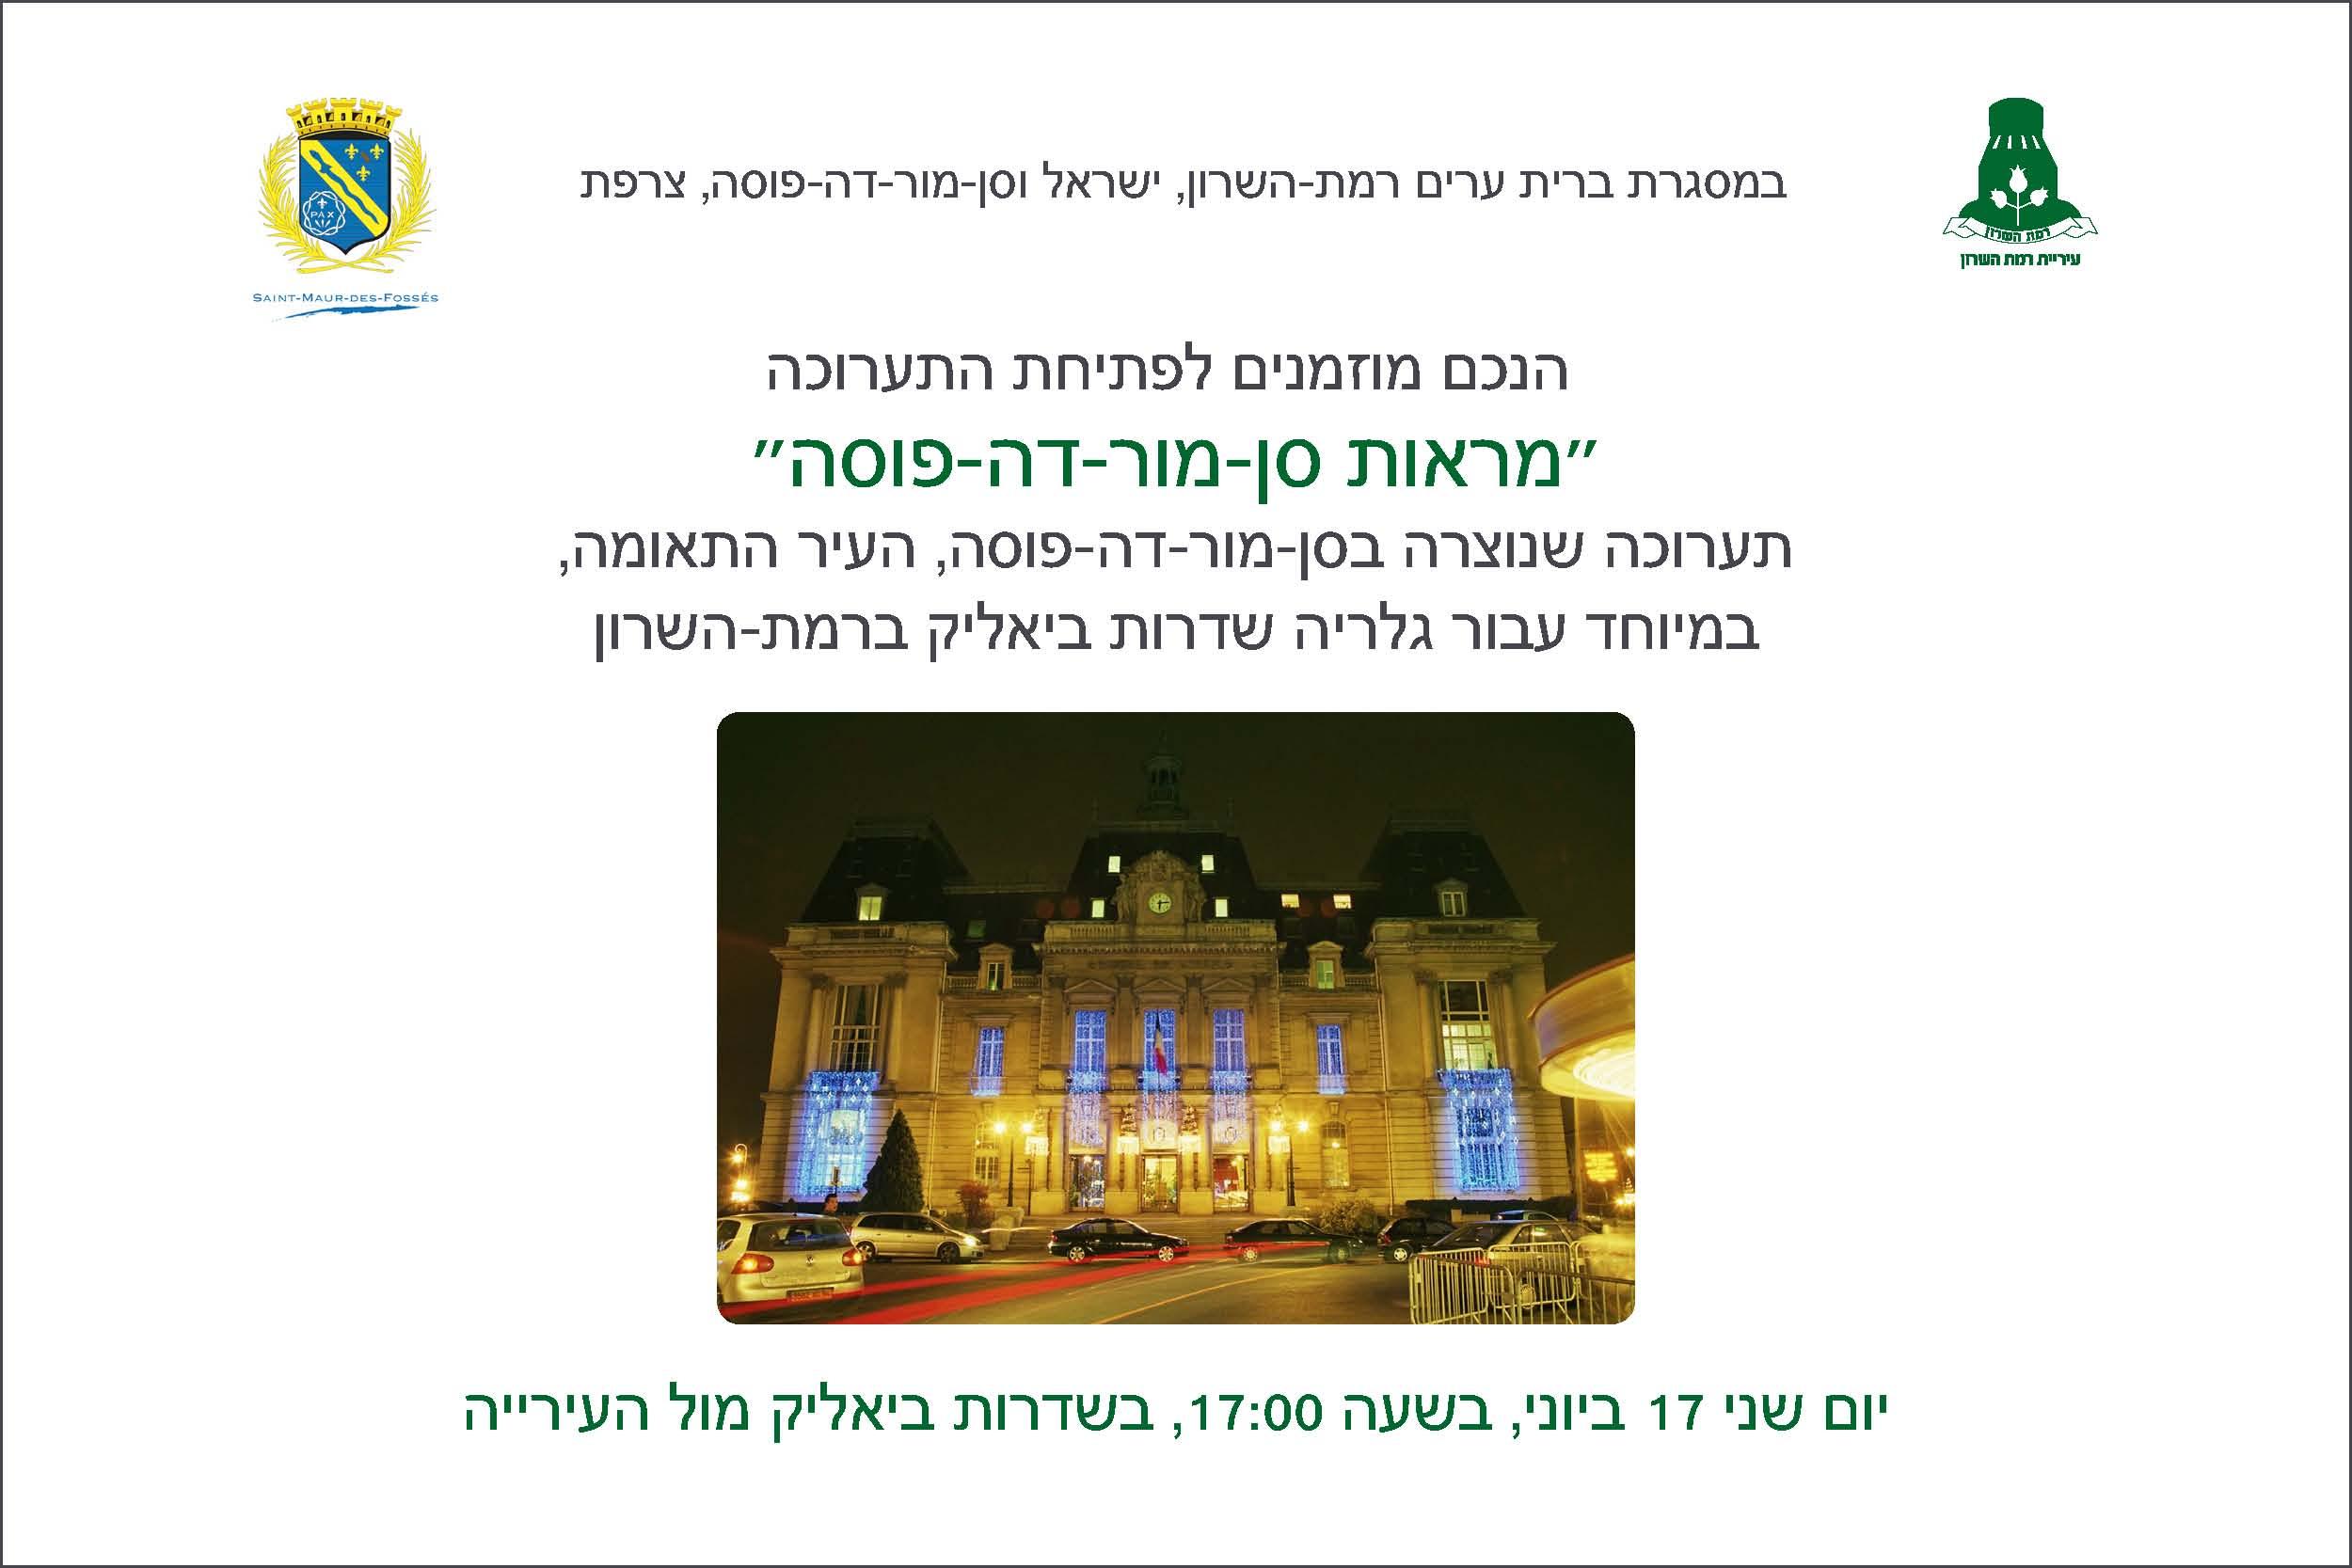 L'invitation à l'inauguration de l'exposition photographique